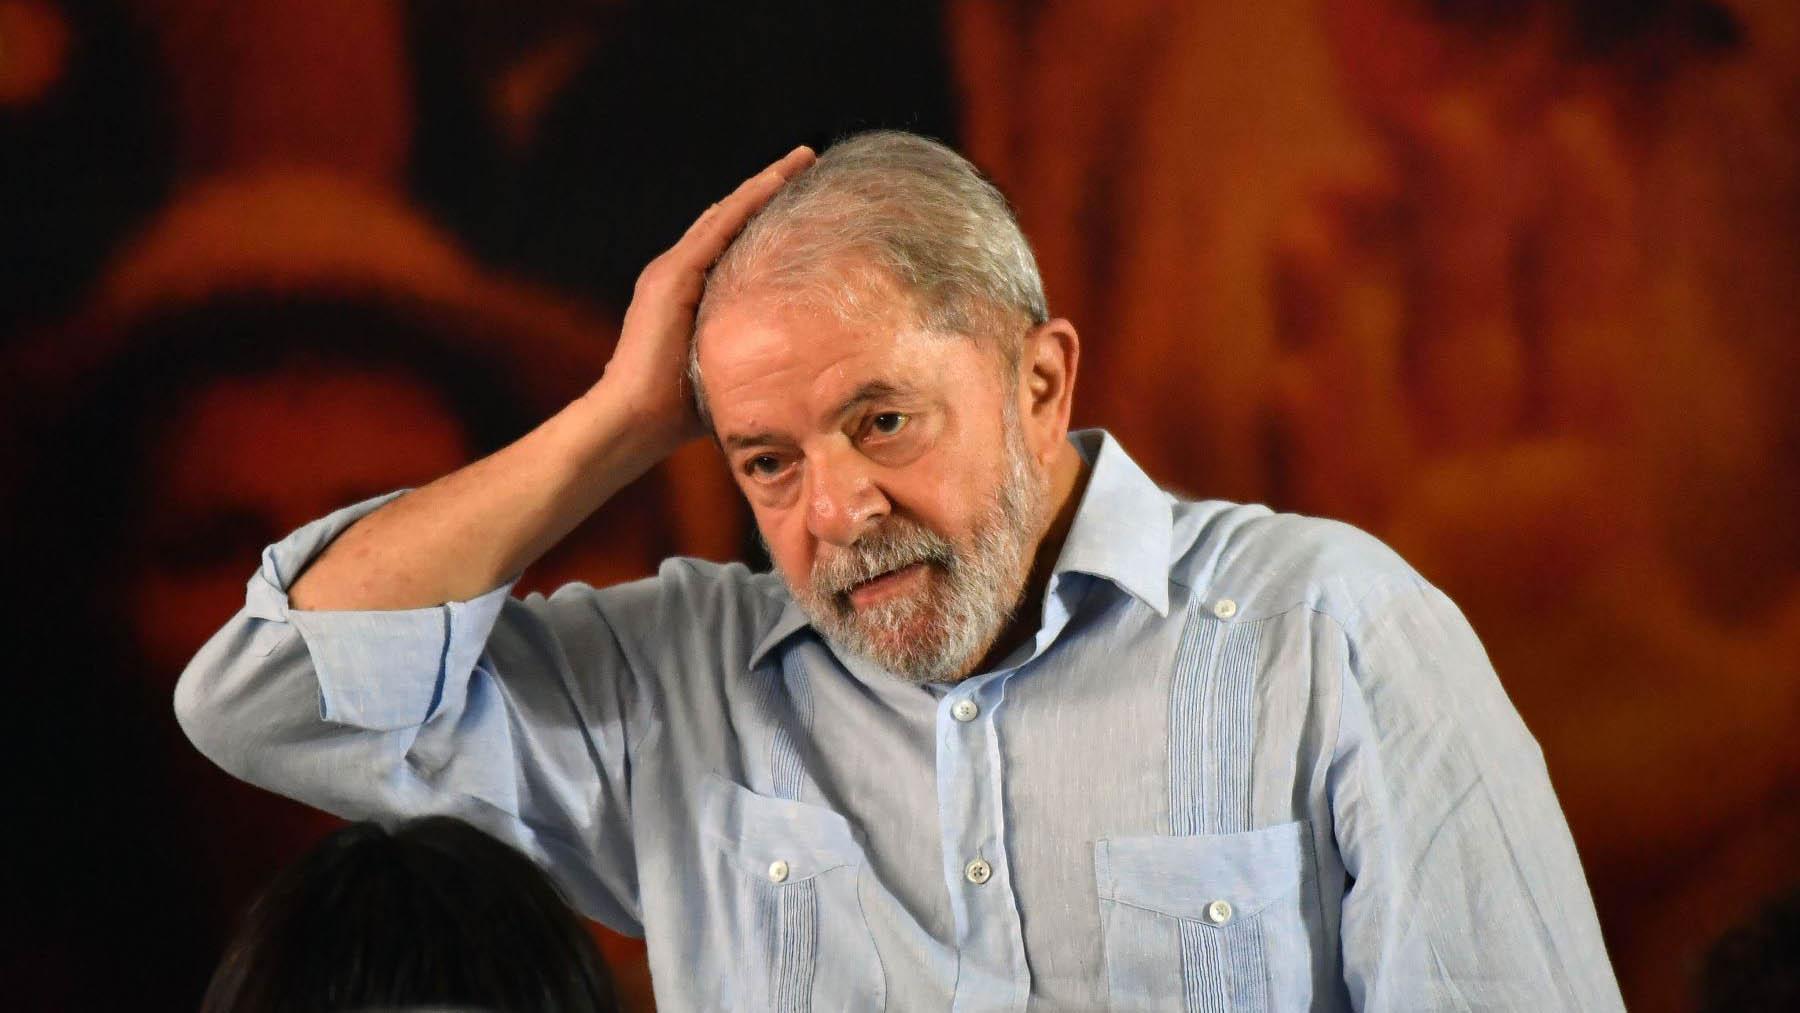 El juez Rogério Favreto sentenció la suspensión de la ejecución provisional de la pena